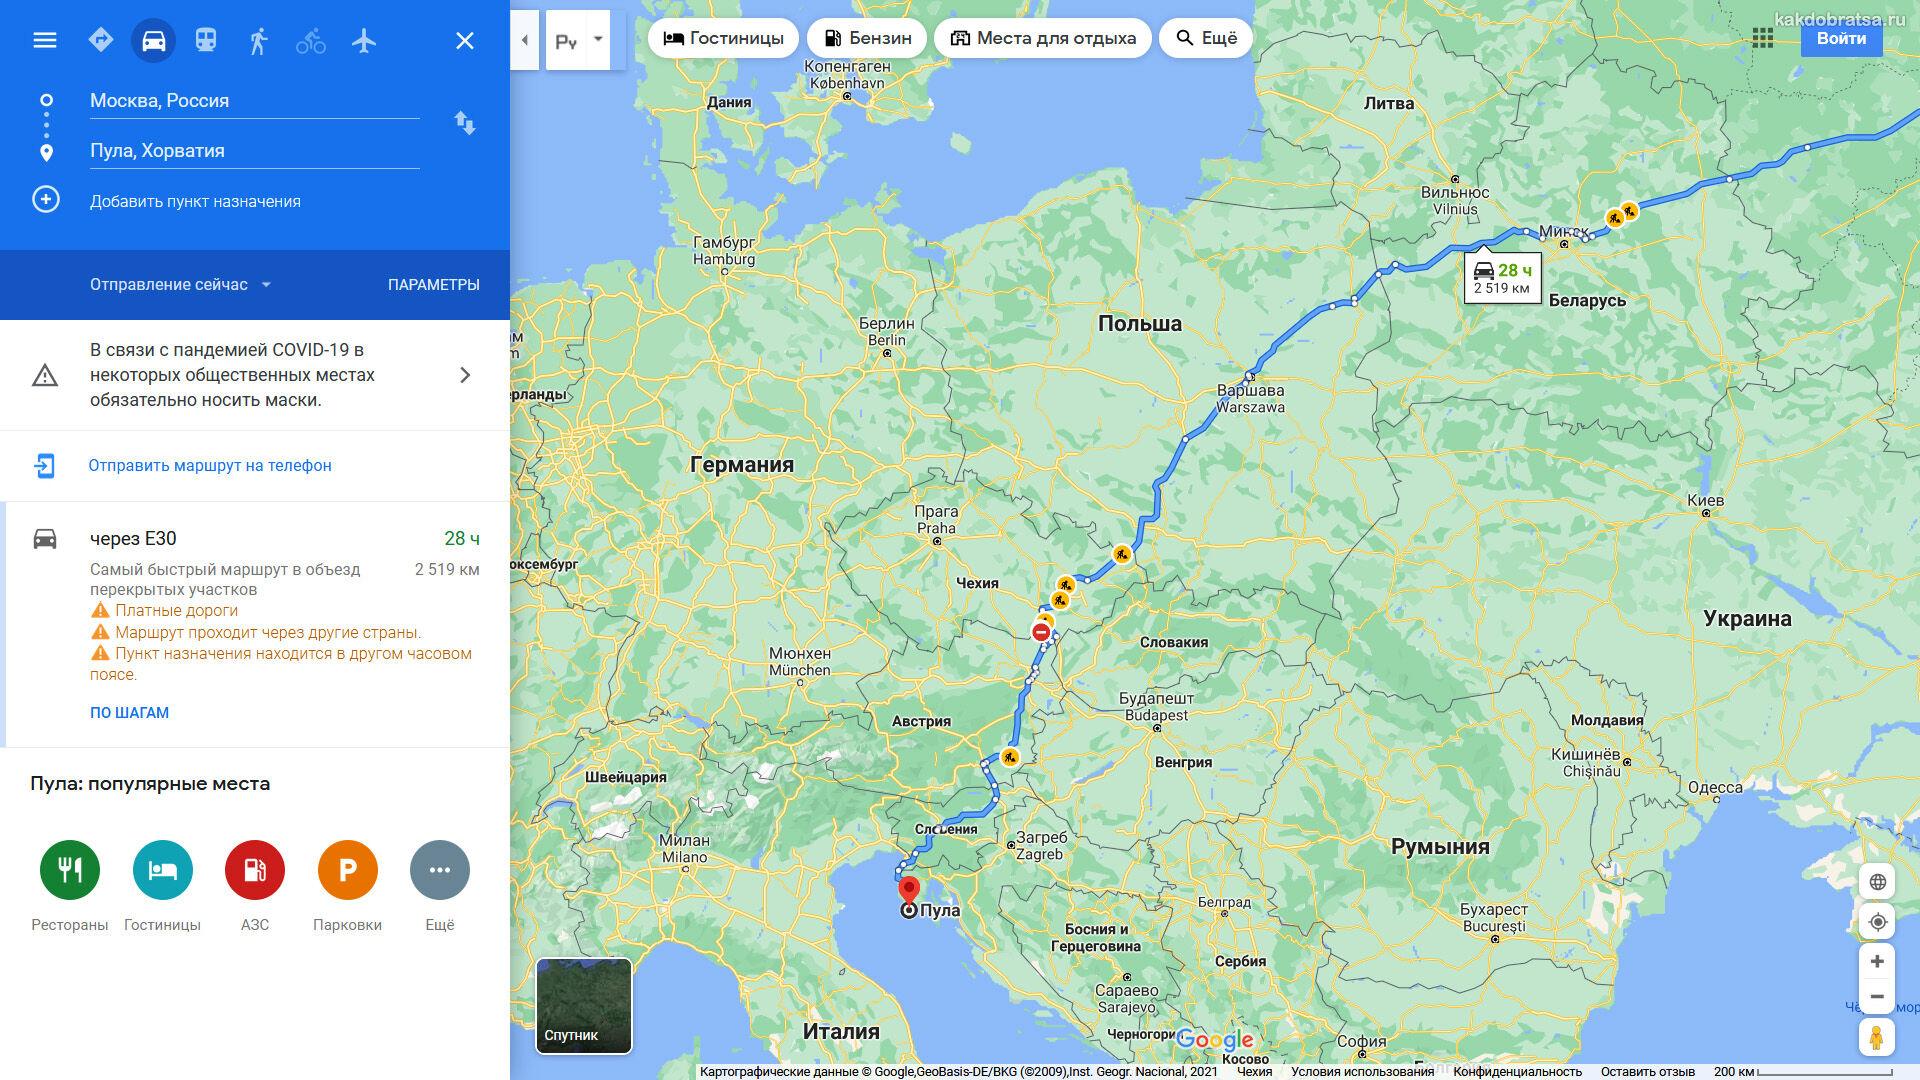 Расстояние между Москвой и Хорватией по карте